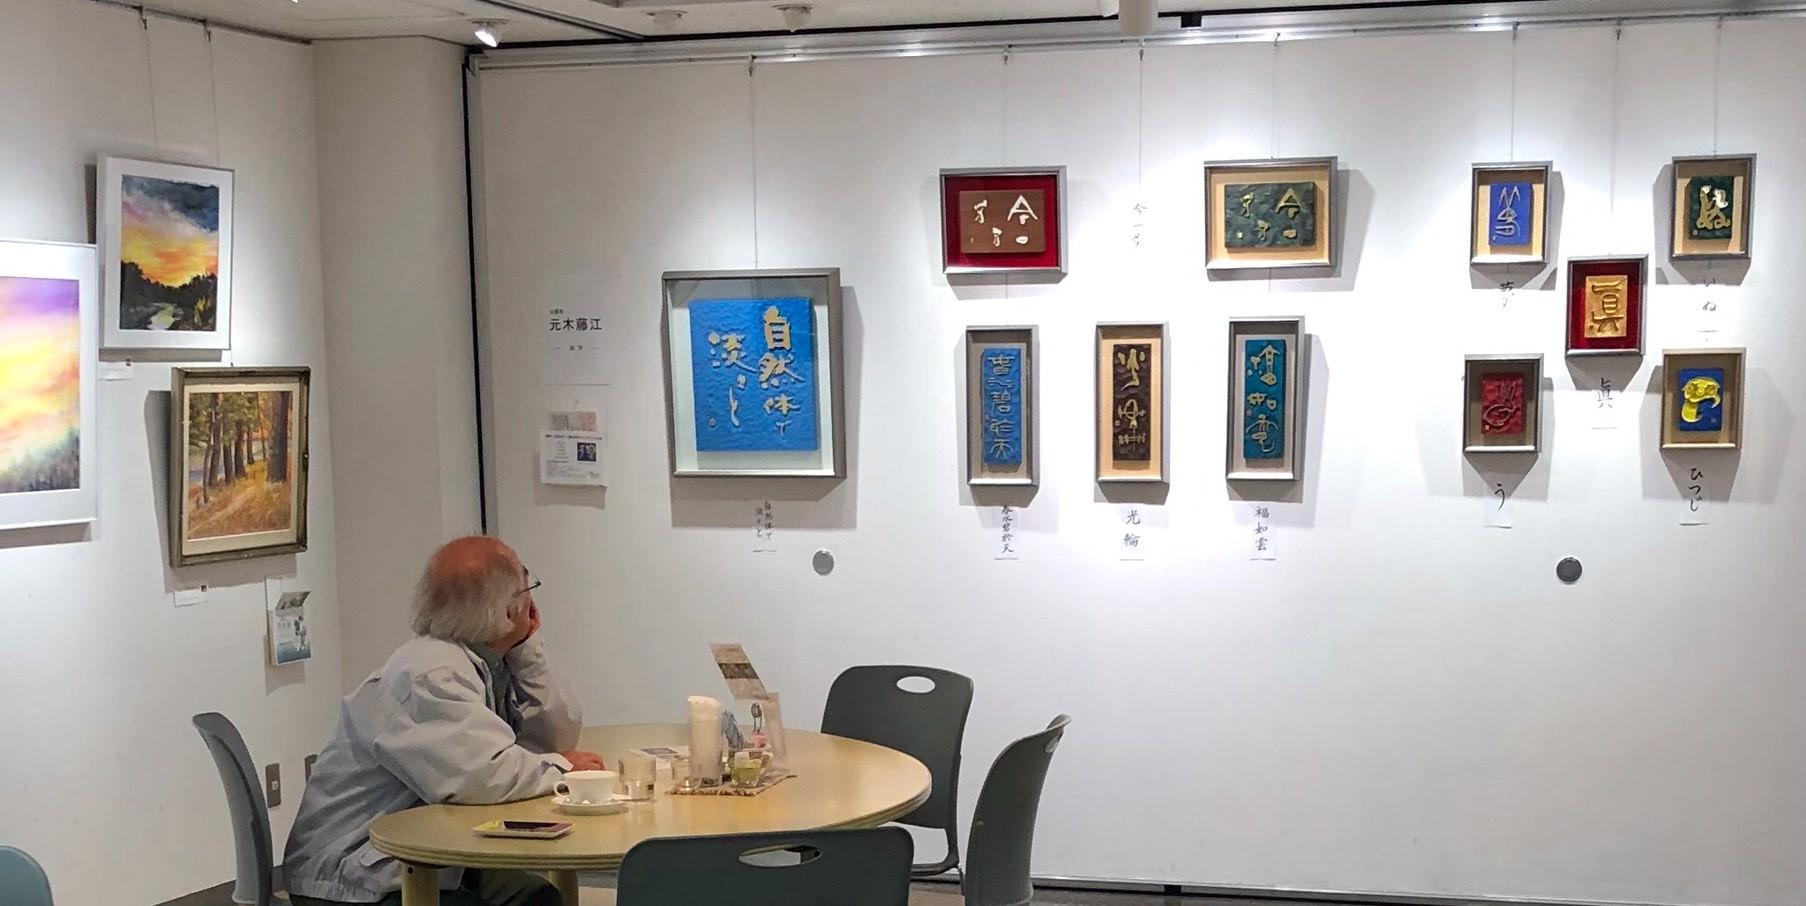 元木藤江 さんの刻字作品が 泉の森会館ギャラリーで展示中です!